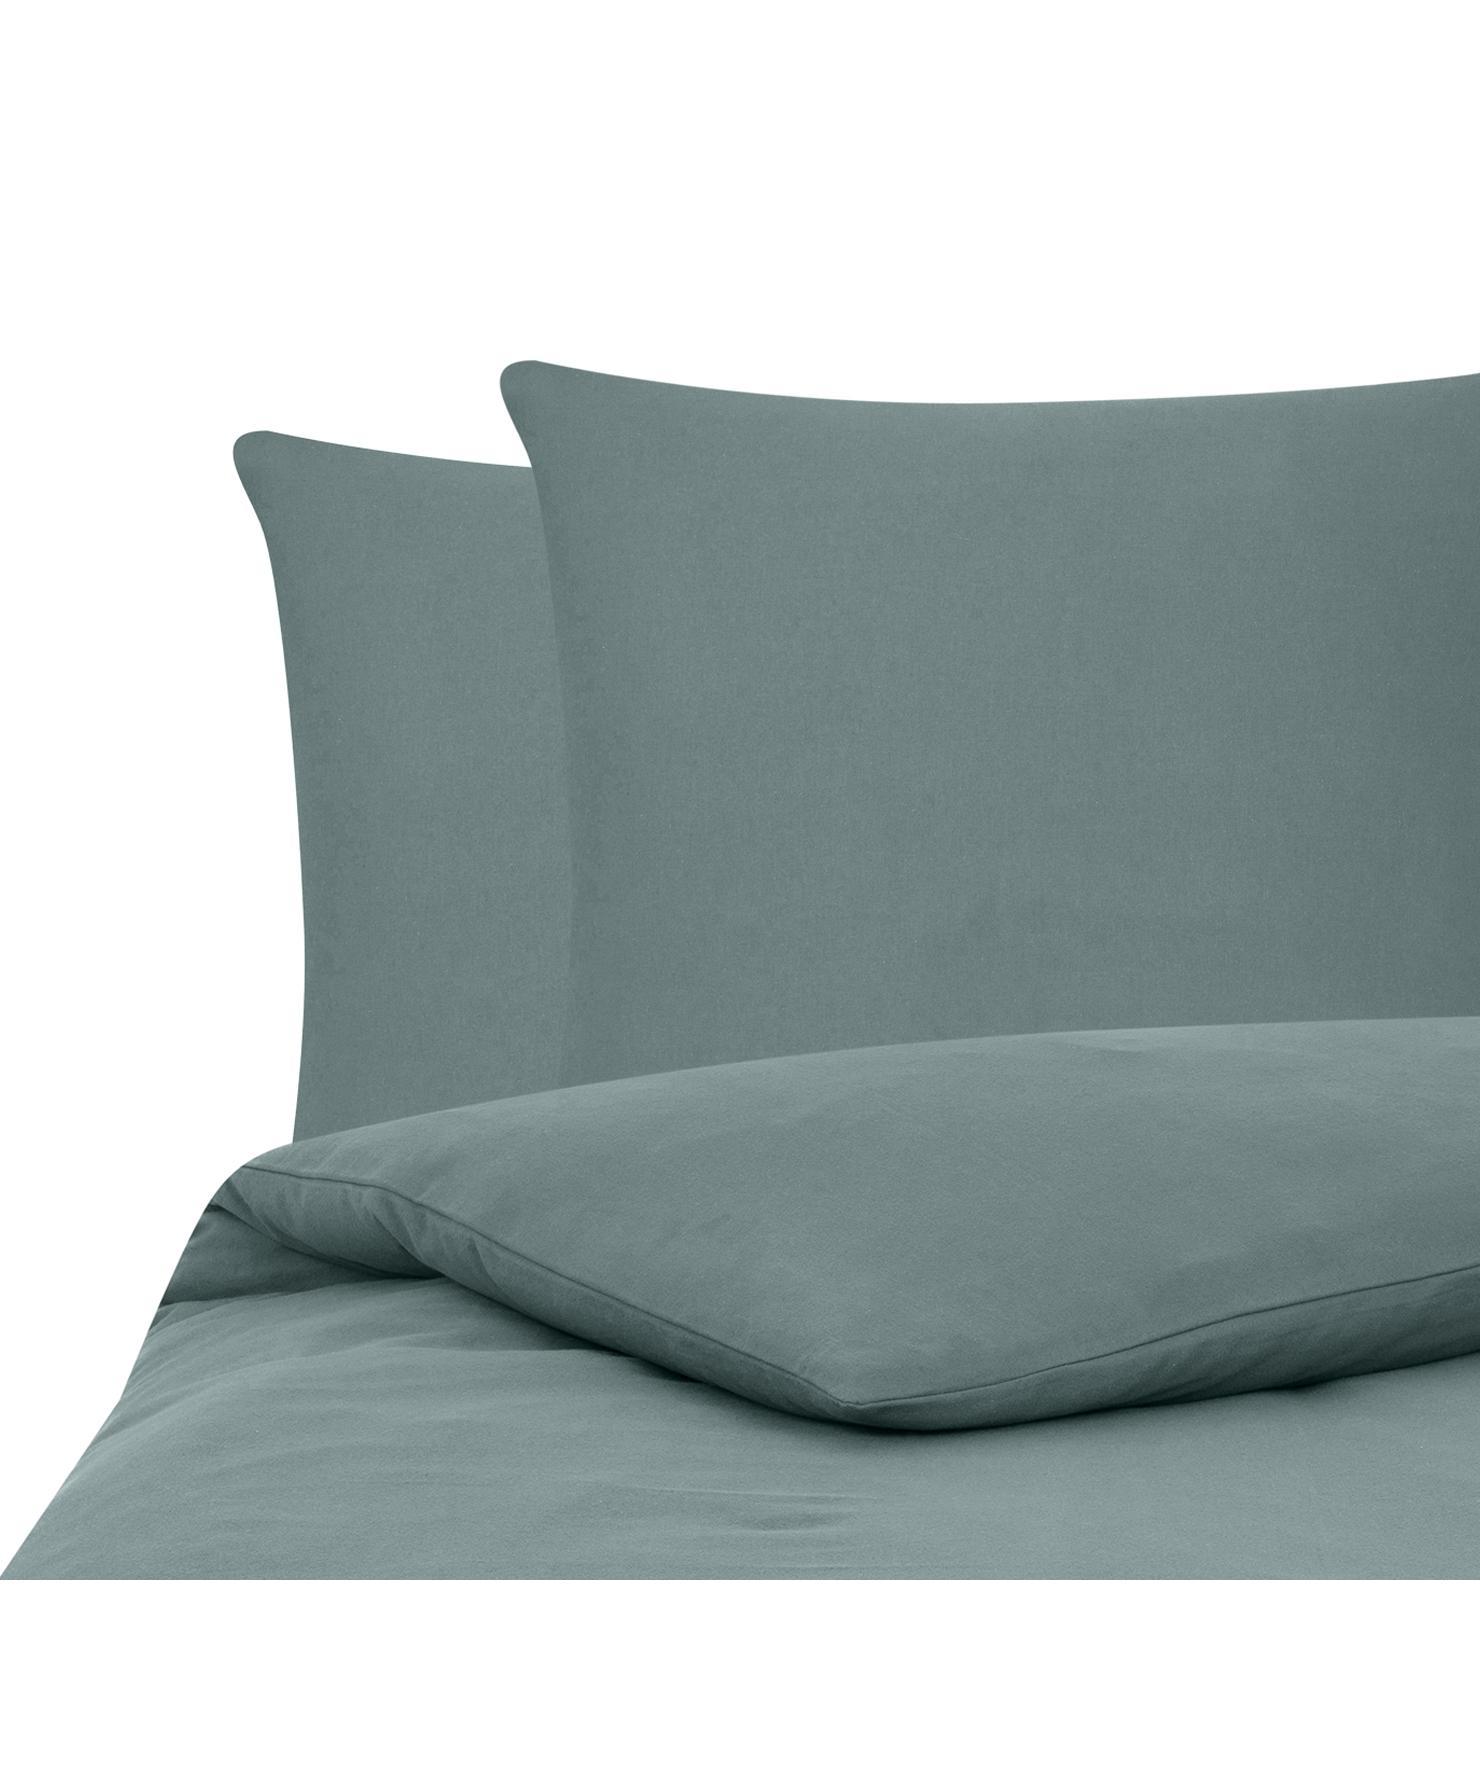 Flanell-Bettwäsche Biba in Grün, Webart: Flanell Flanell ist ein s, Grün, 200 x 200 cm + 2 Kissen 80 x 80 cm